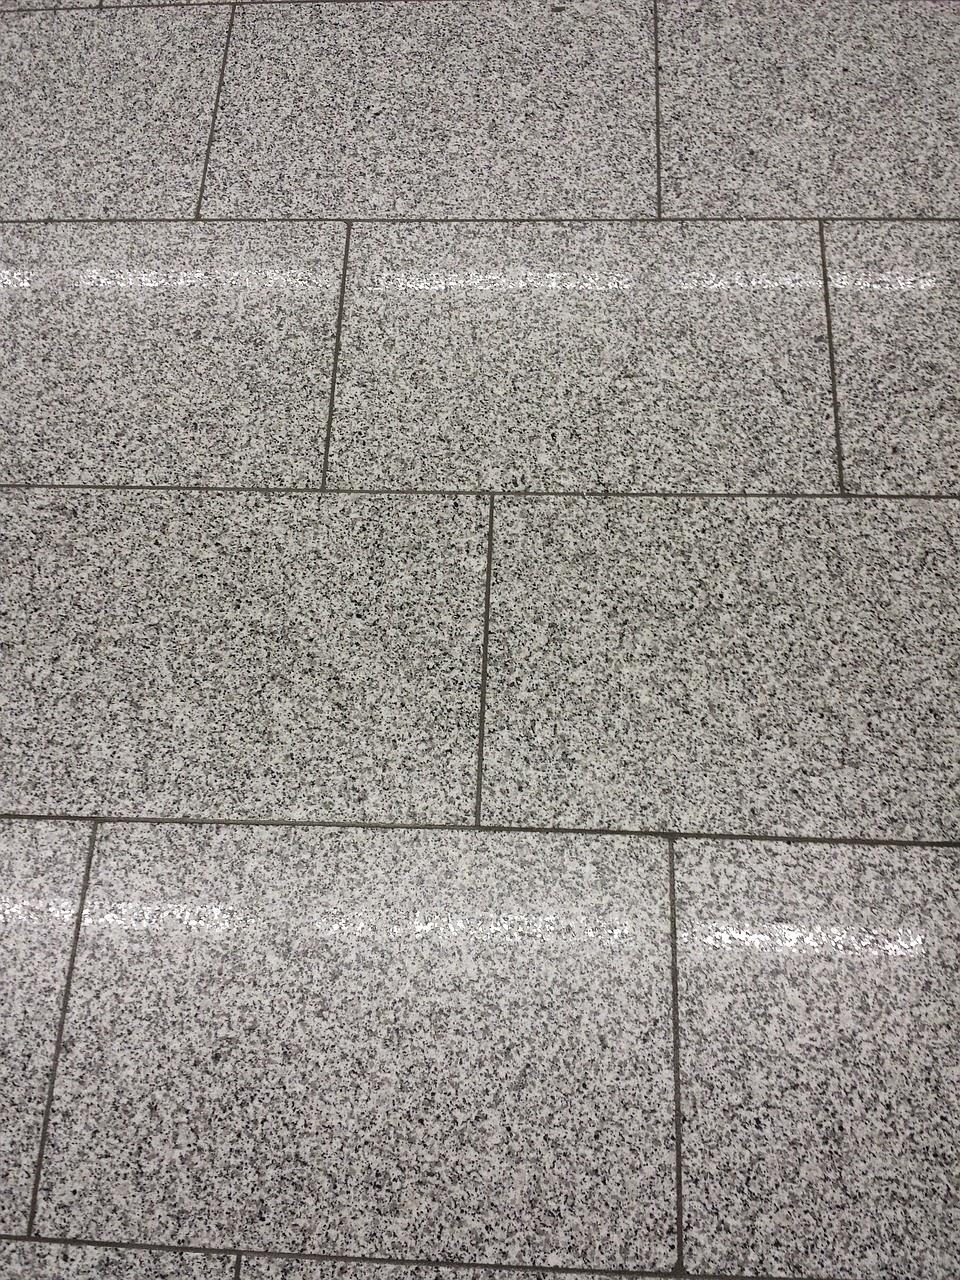 Πώς στεγνώνουμε το πάτωμα πολύ γρήγορα;